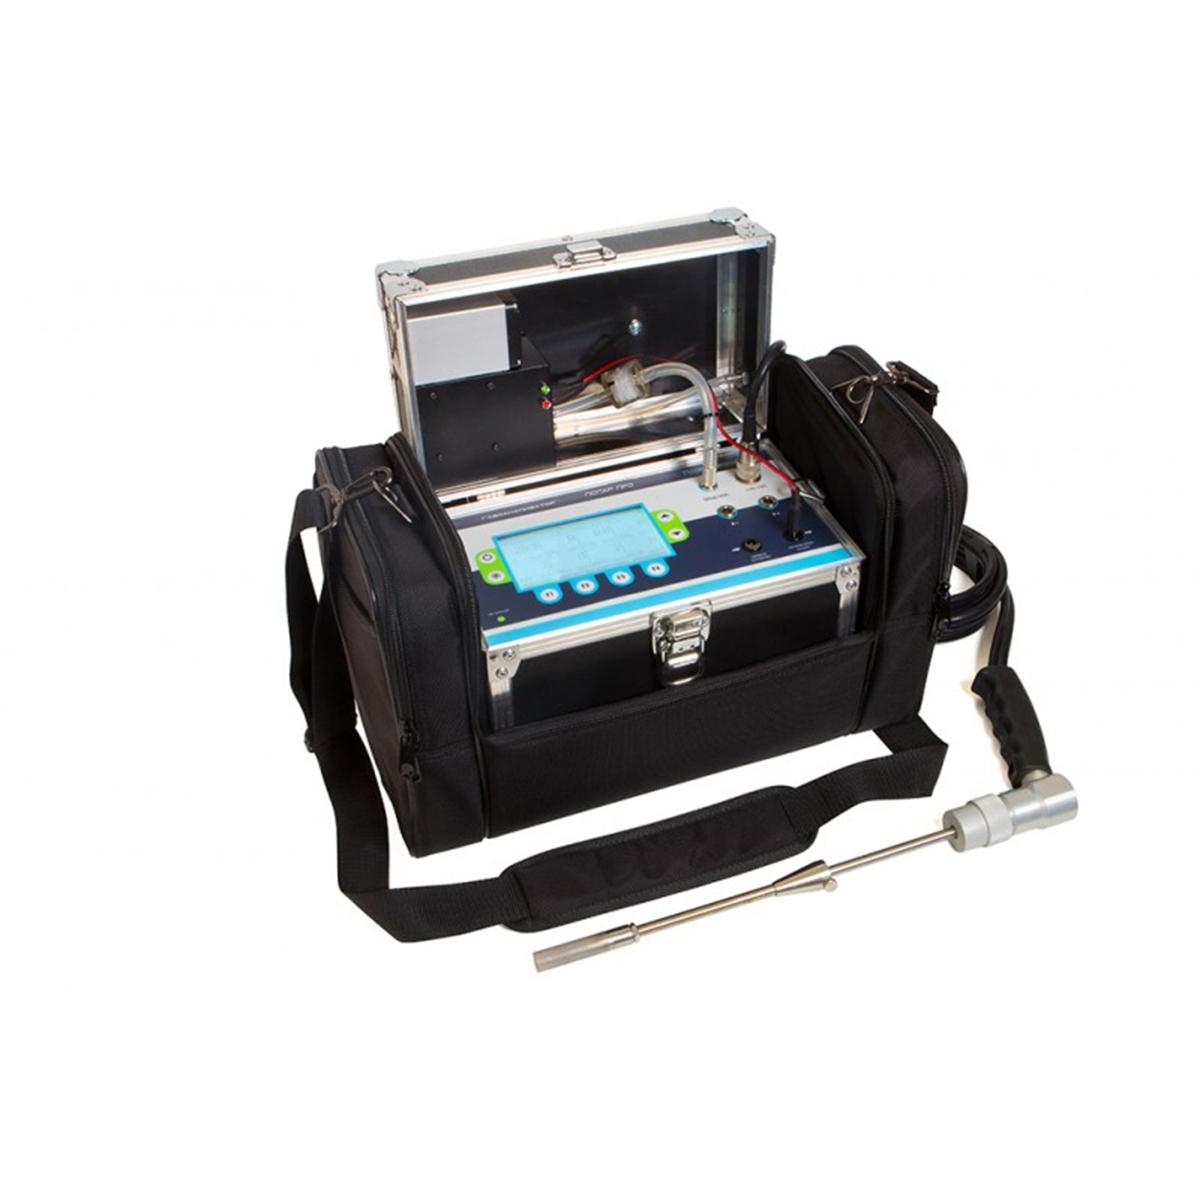 Газоанализатор «Полар про» в сумке для транспортировки